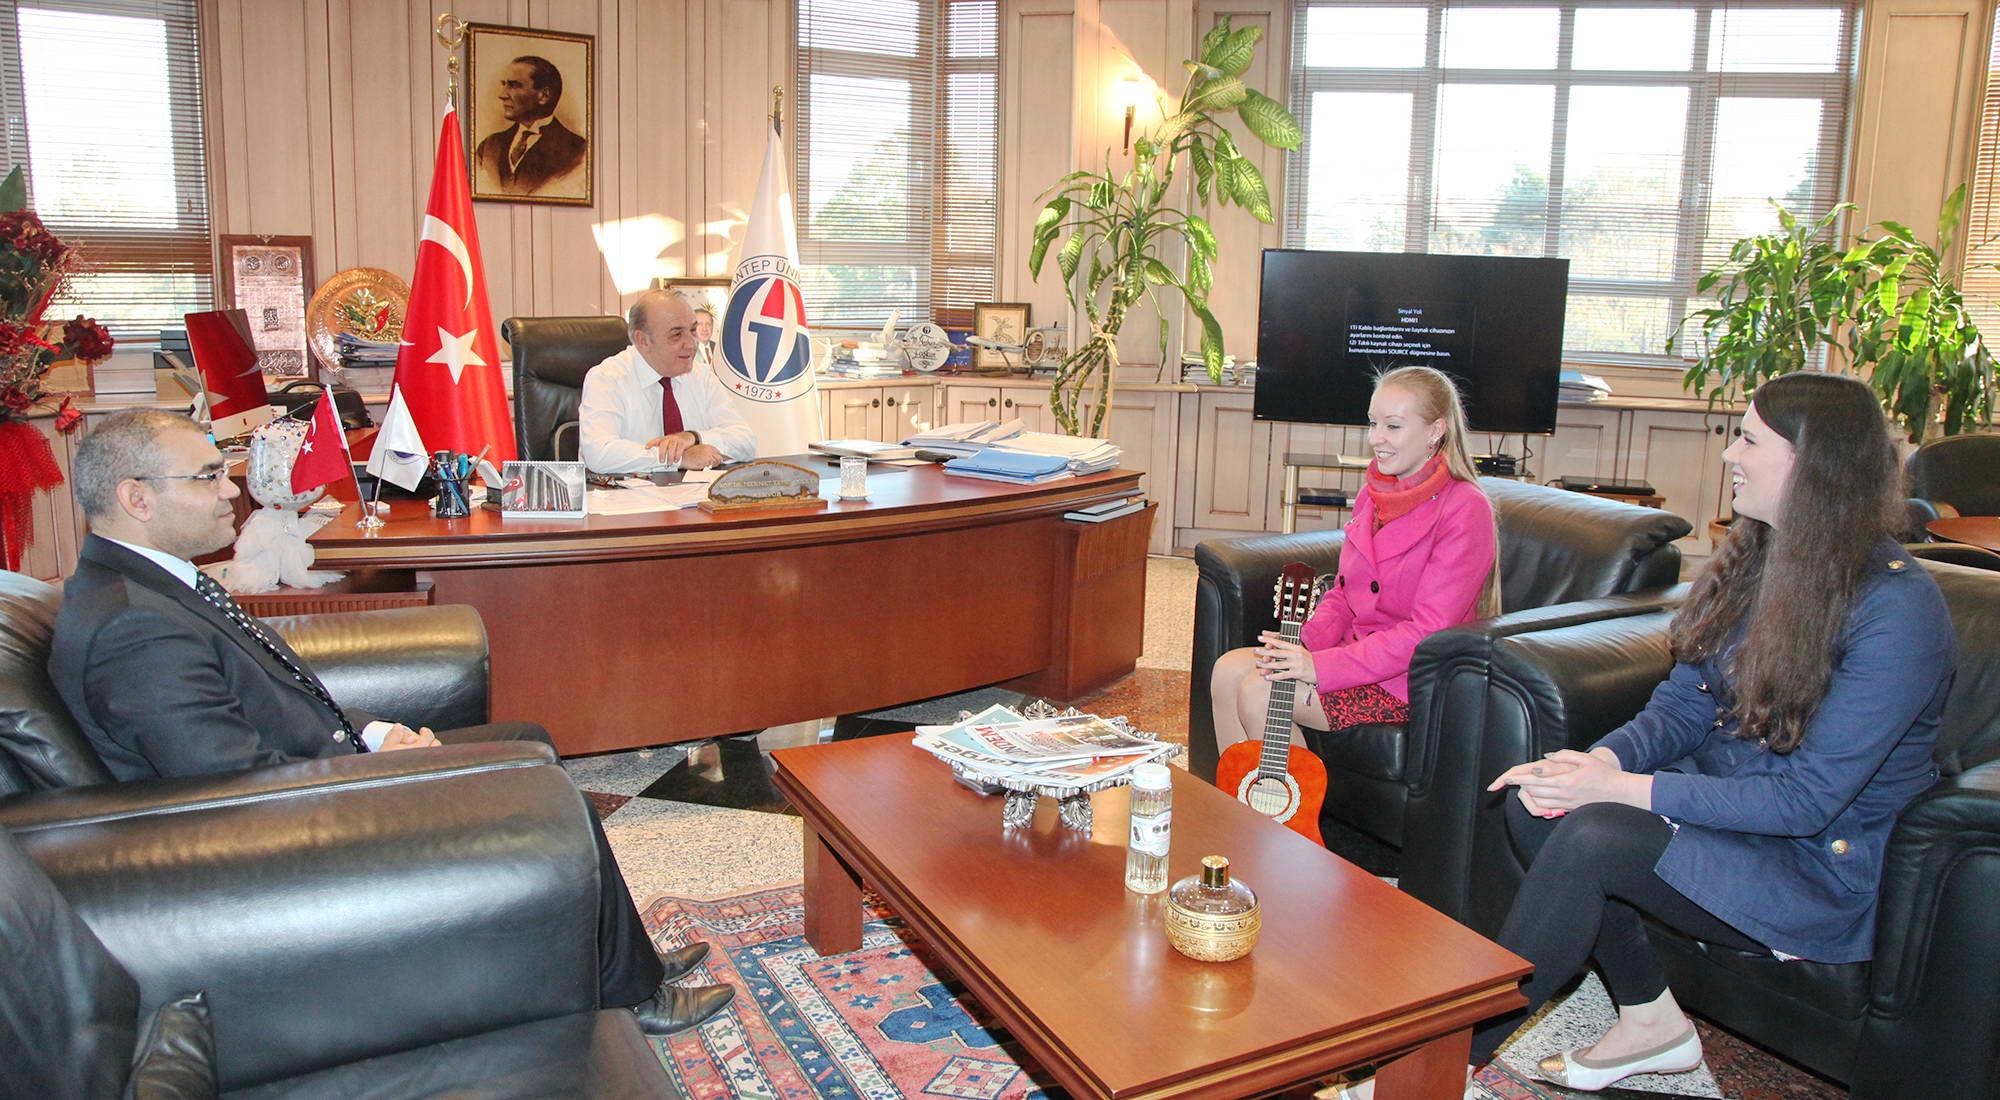 Litvanyalı öğrencilerden Rektör'e Türkçe şarkı sürprizi -  (2)